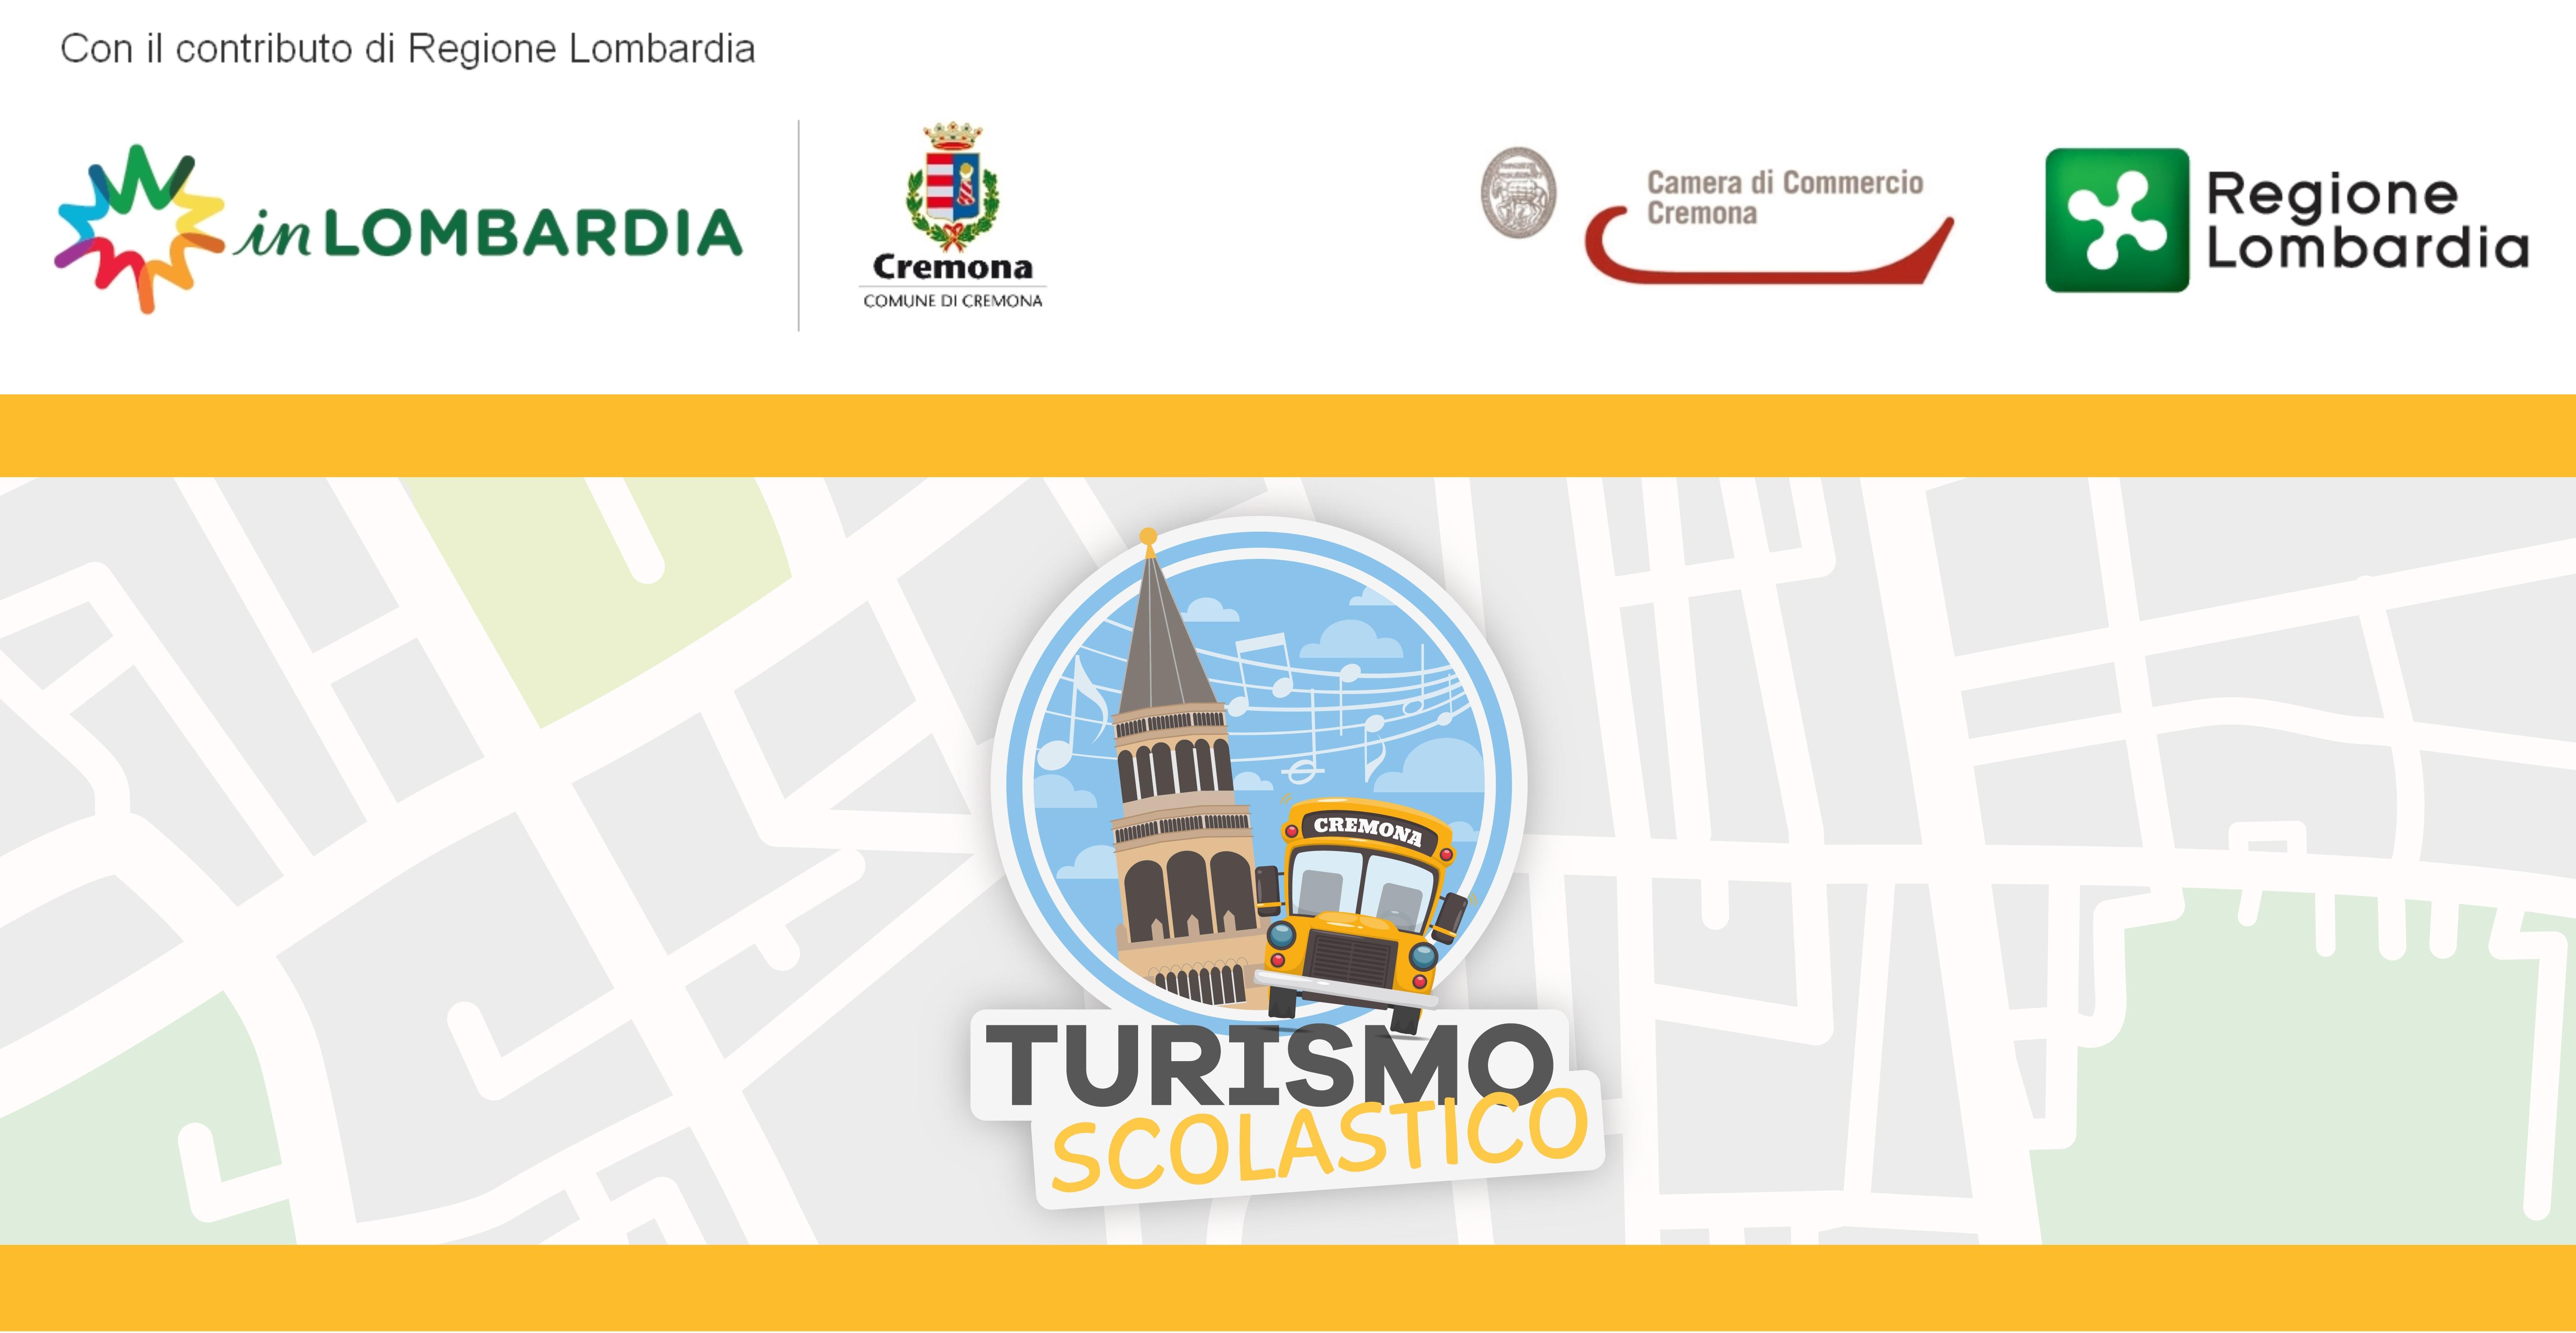 Cremona ancora di più meta del turismo scolastico: itinerari, area web dedicata, student card e diario della gita